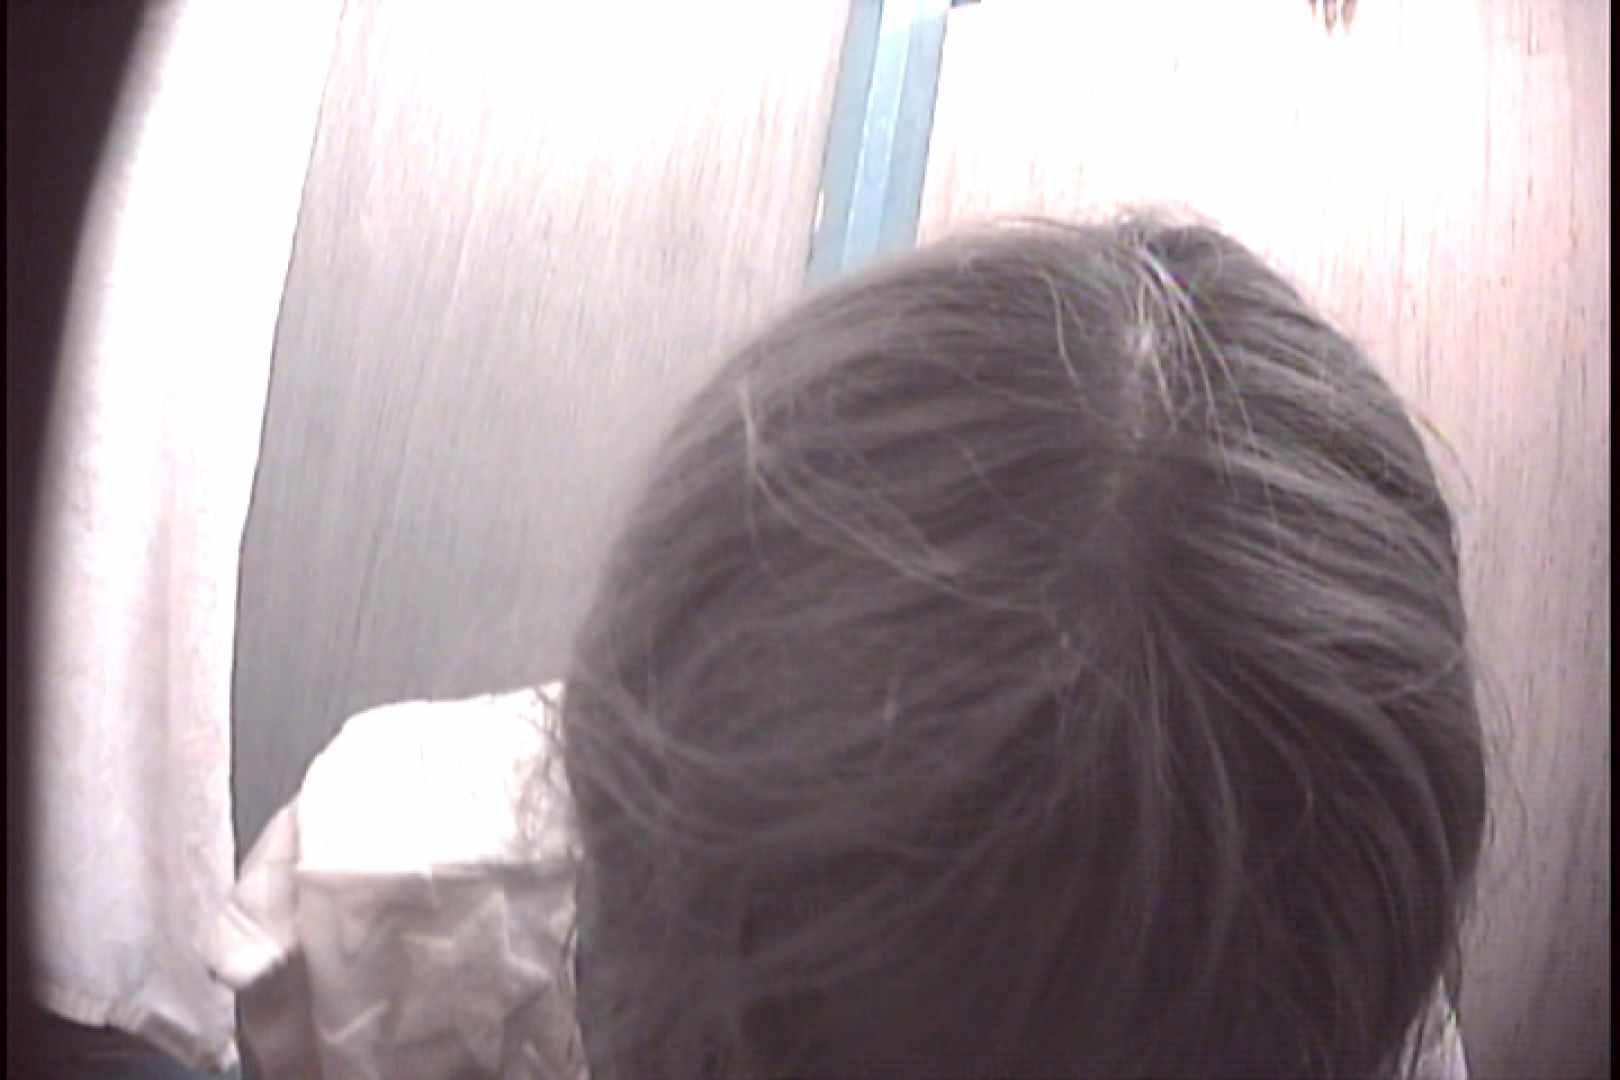 File.37 収穫の秋、こんなの取れました。必見です!【2011年20位】 シャワー  88PIX 9